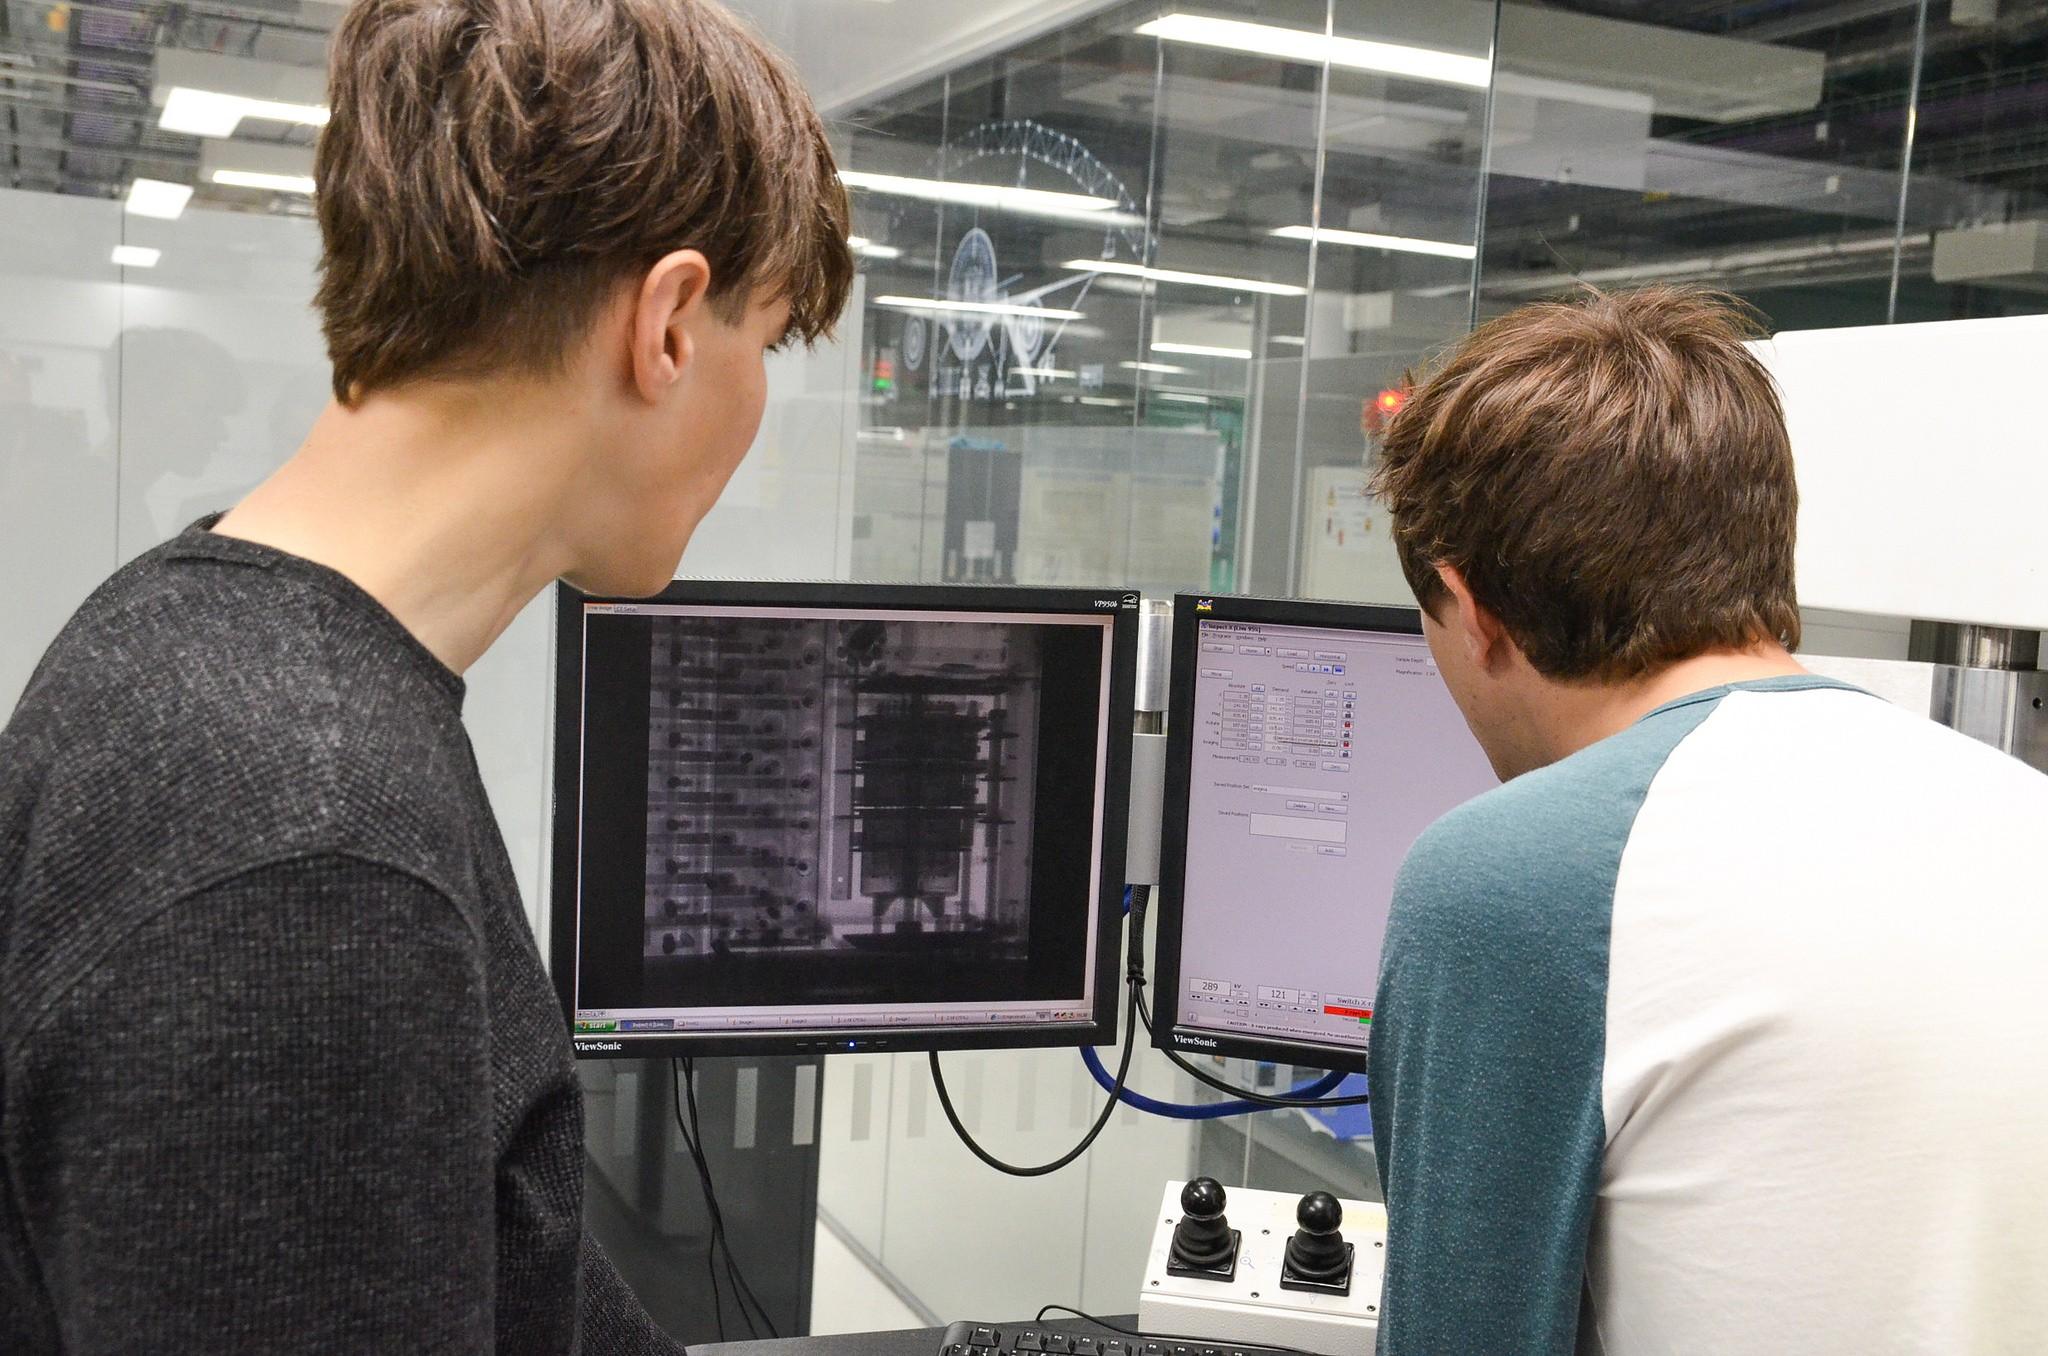 Pesquisadores analisam interior da máquina Enigma (Foto: Divulgação/ Universidade de Manchester )